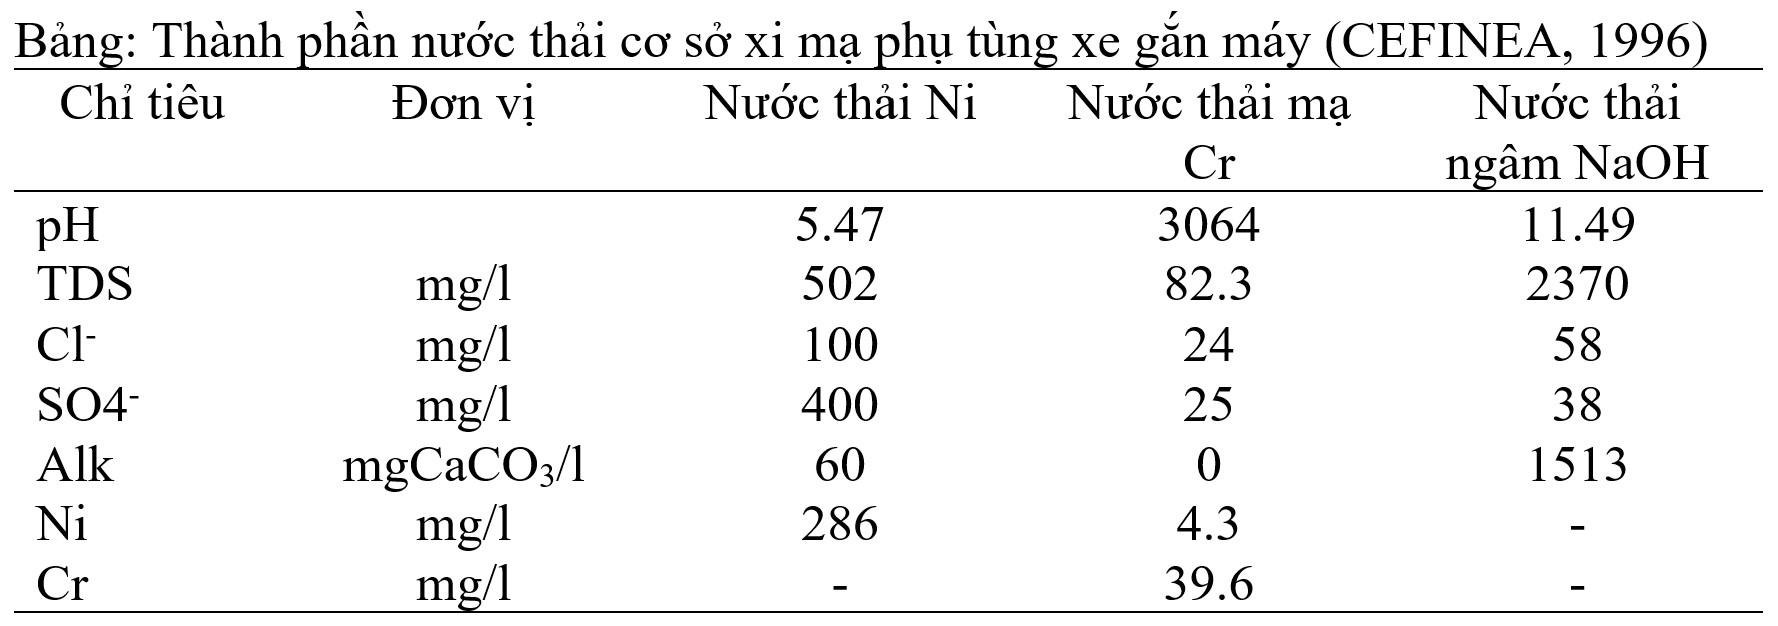 Thành phần nước thải cơ sở xi mạ phụ tùng xe gắn máy (CEFINEA, 1996)